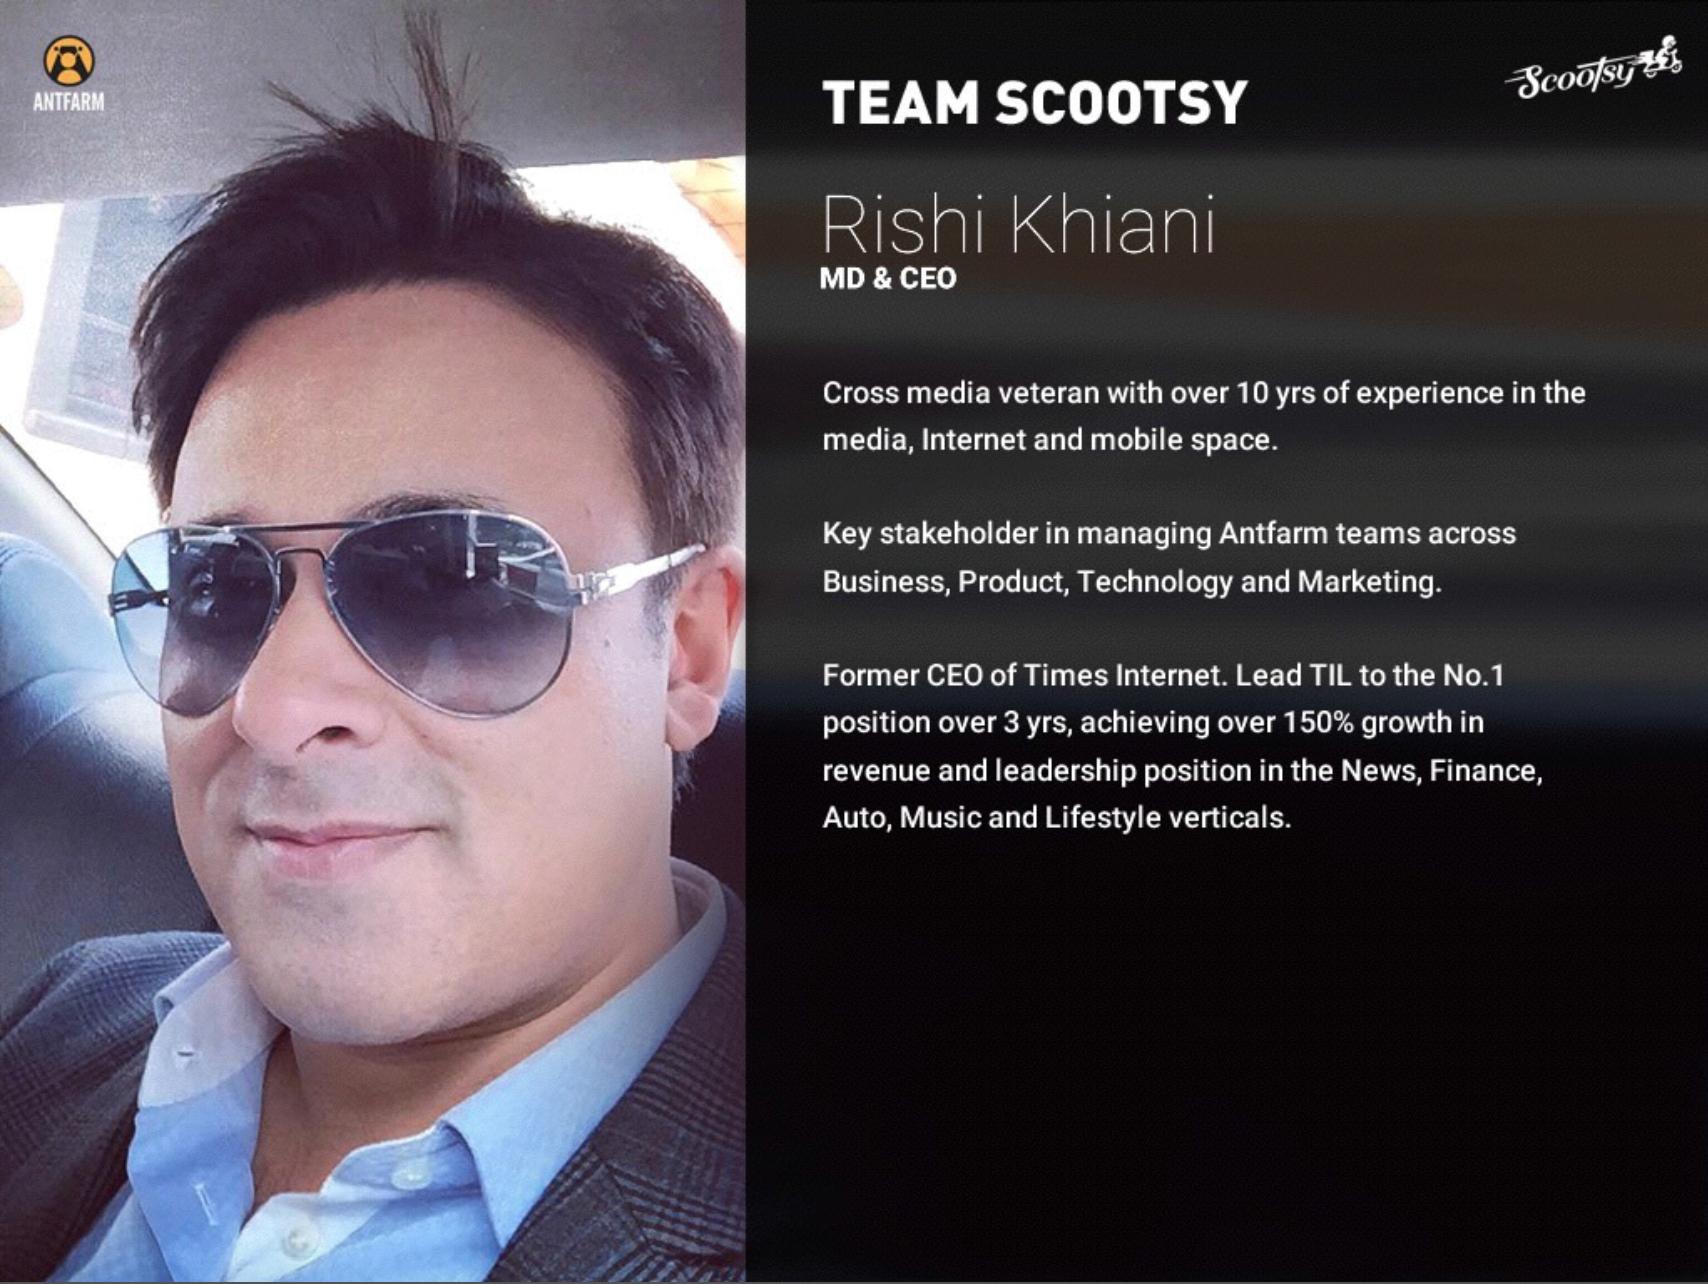 Rishi Khiani